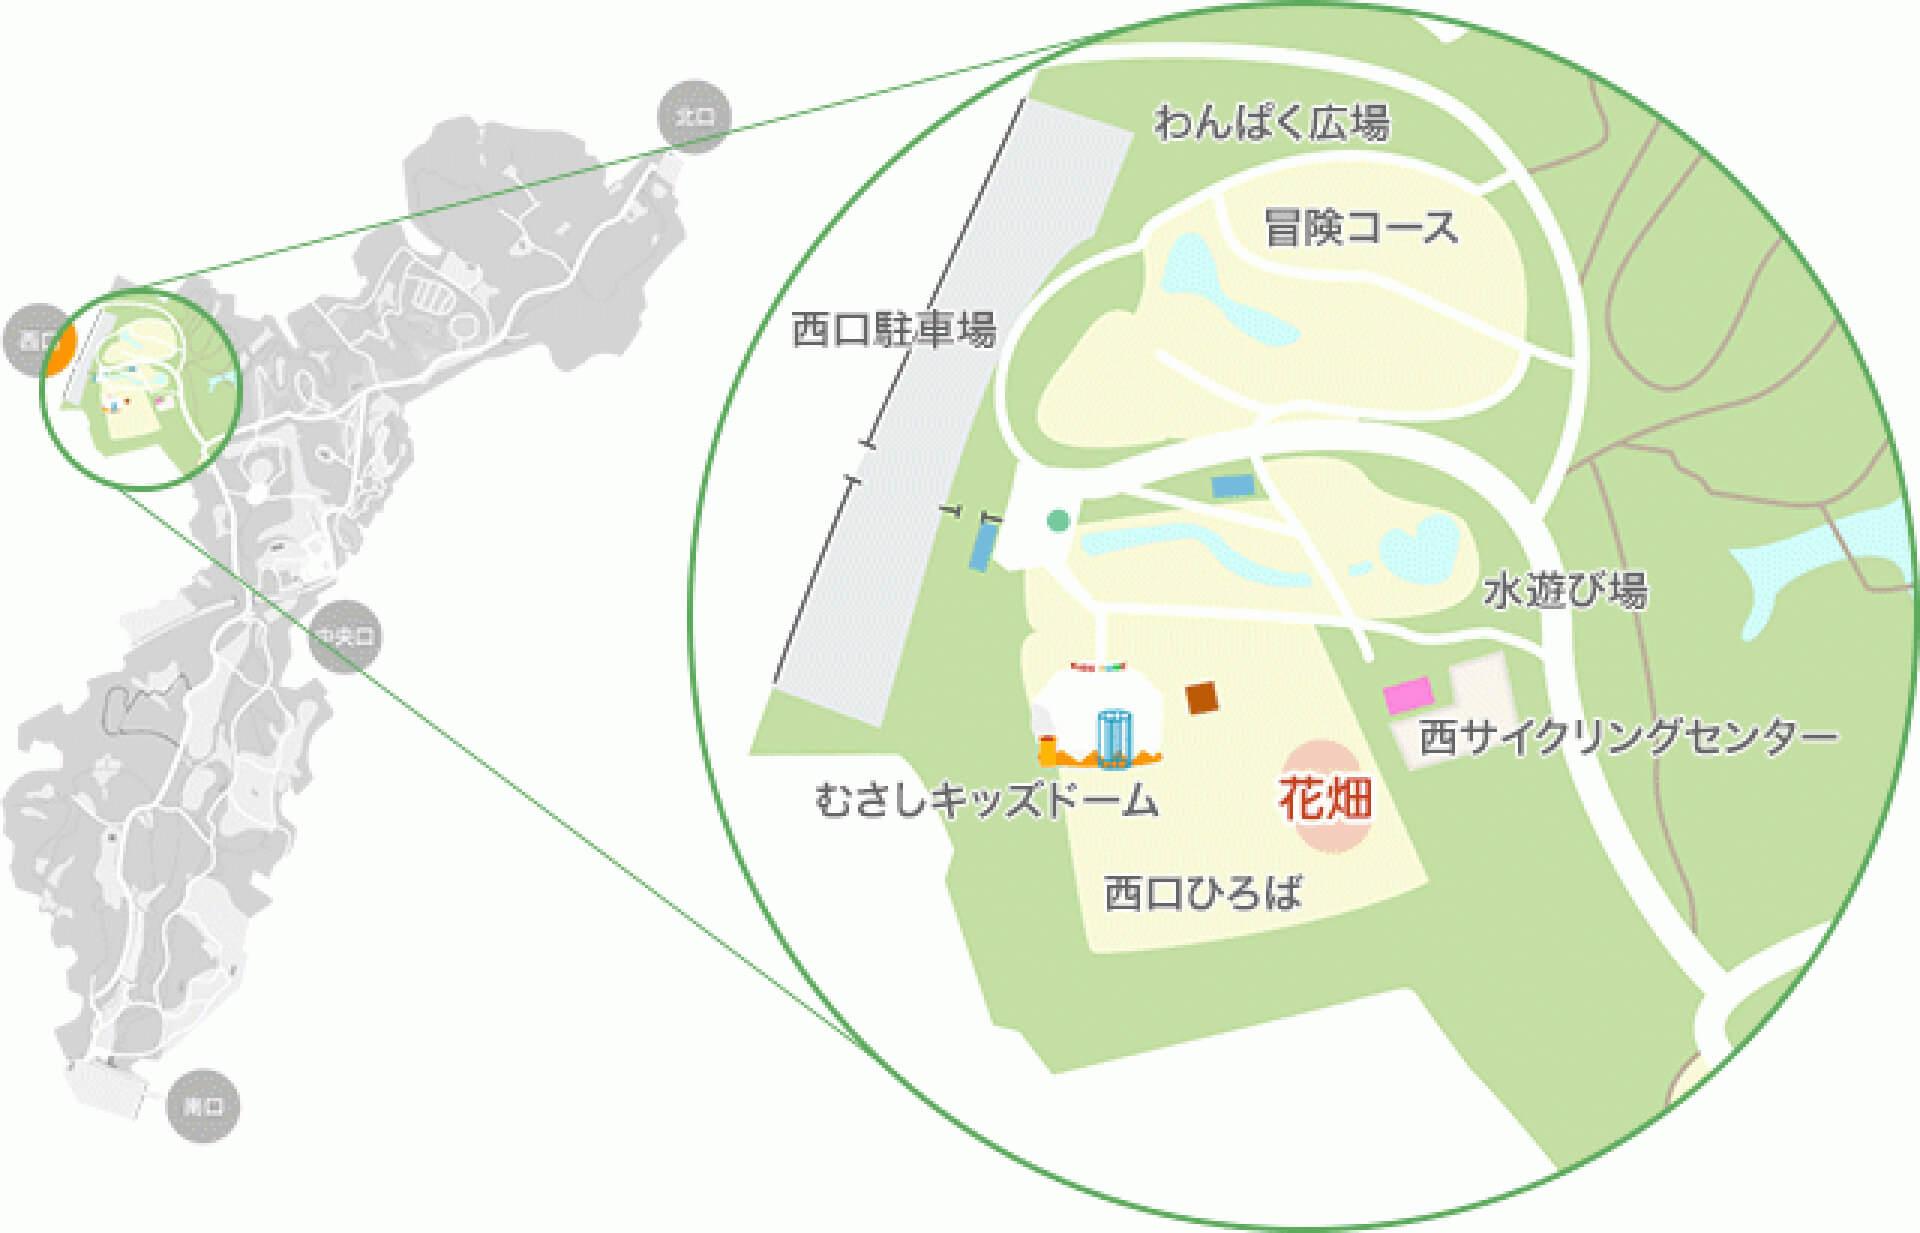 この写真は国営武蔵丘陵森林公園がピンク色のペチュニアイベントの開催地図。公園の俯瞰地図です